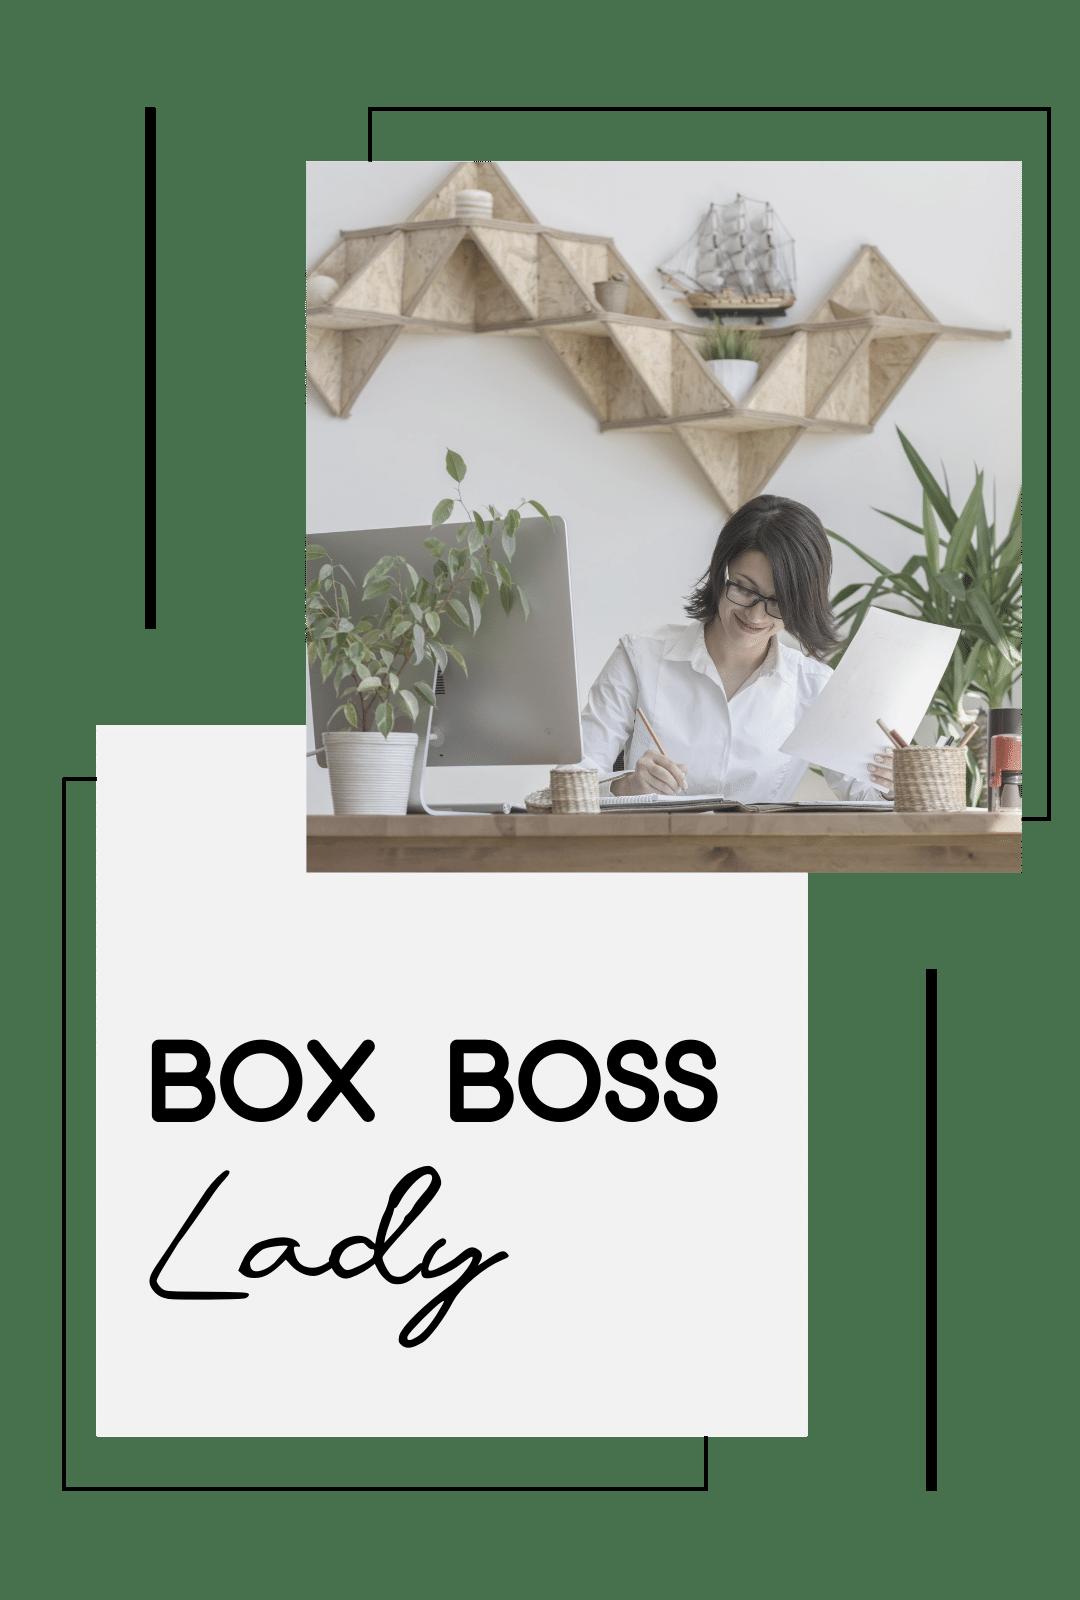 , Box Boss Lady, Soy Carito Ruiz